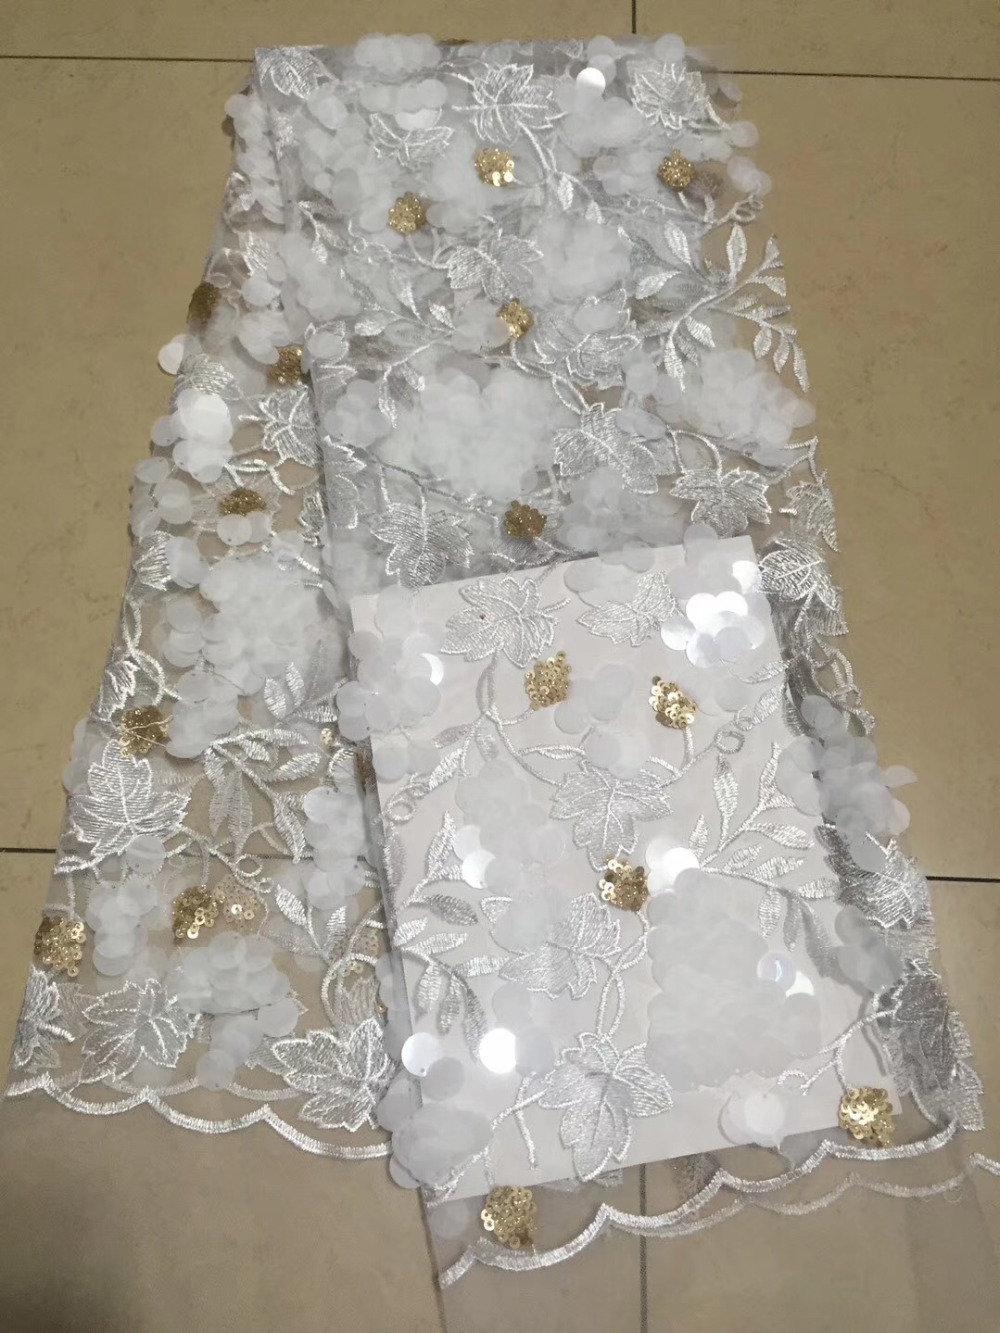 شعبية جديد أحدث الفرنسية الأربطة النسيج عالية الجودة الأقمشة ل خليط الأبيض/الذهب/كبيرة الترتر DIY فستان الزفاف النسيج CDF145-في دانتيل من المنزل والحديقة على  مجموعة 1